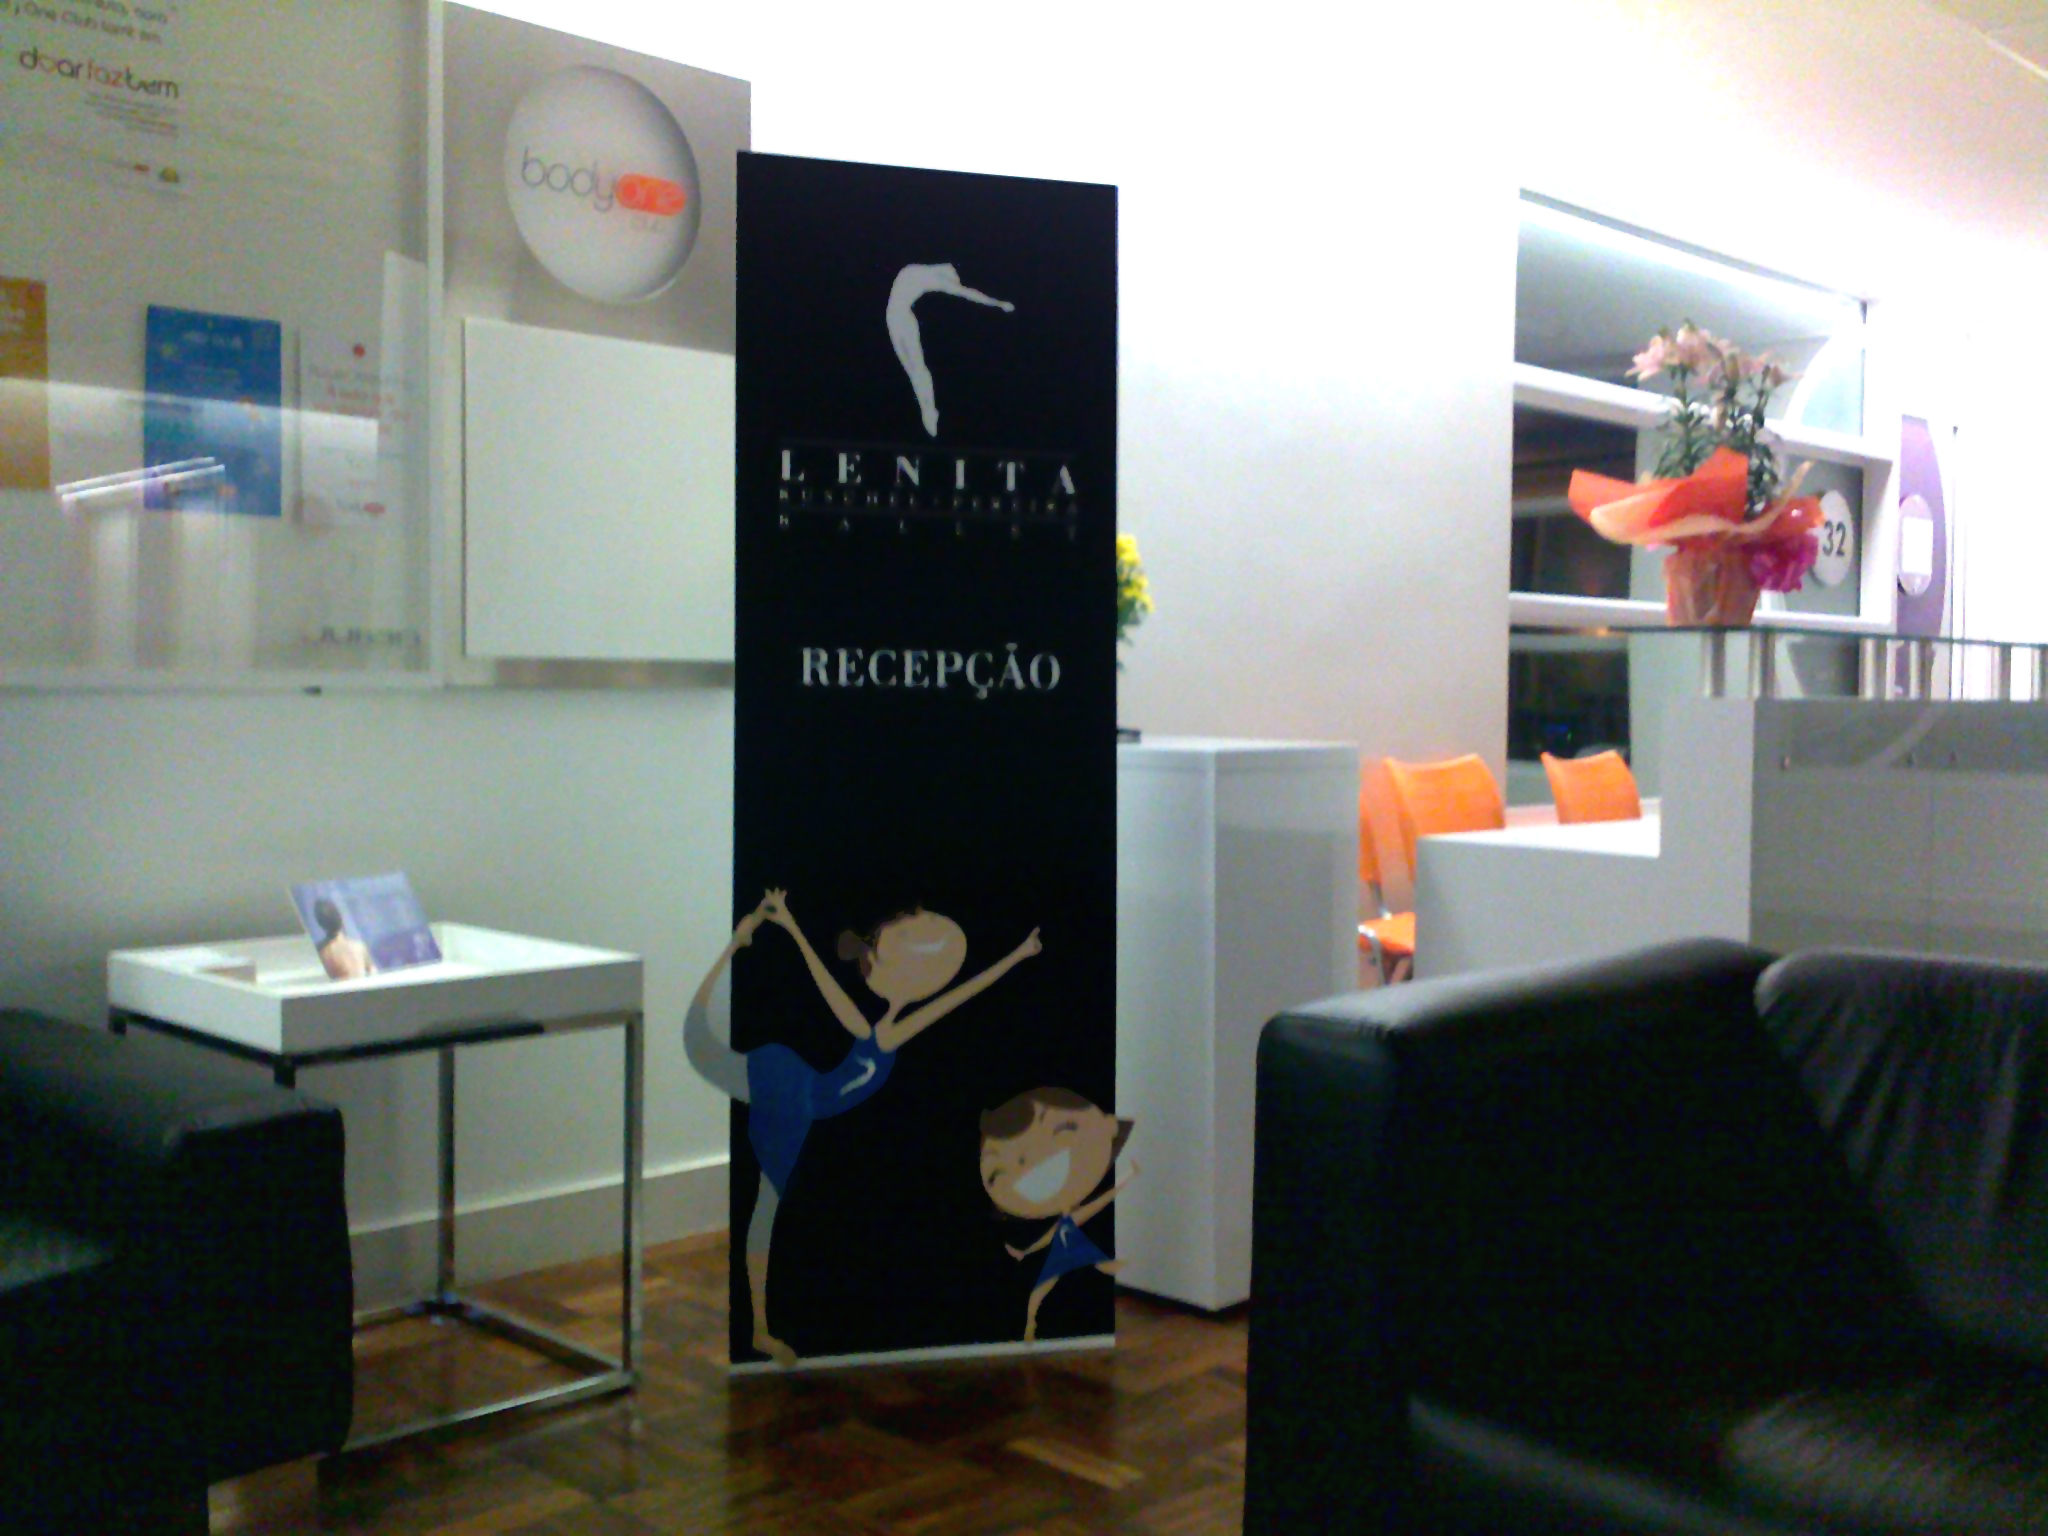 Ballet Lenita | Inauguração Bodytech